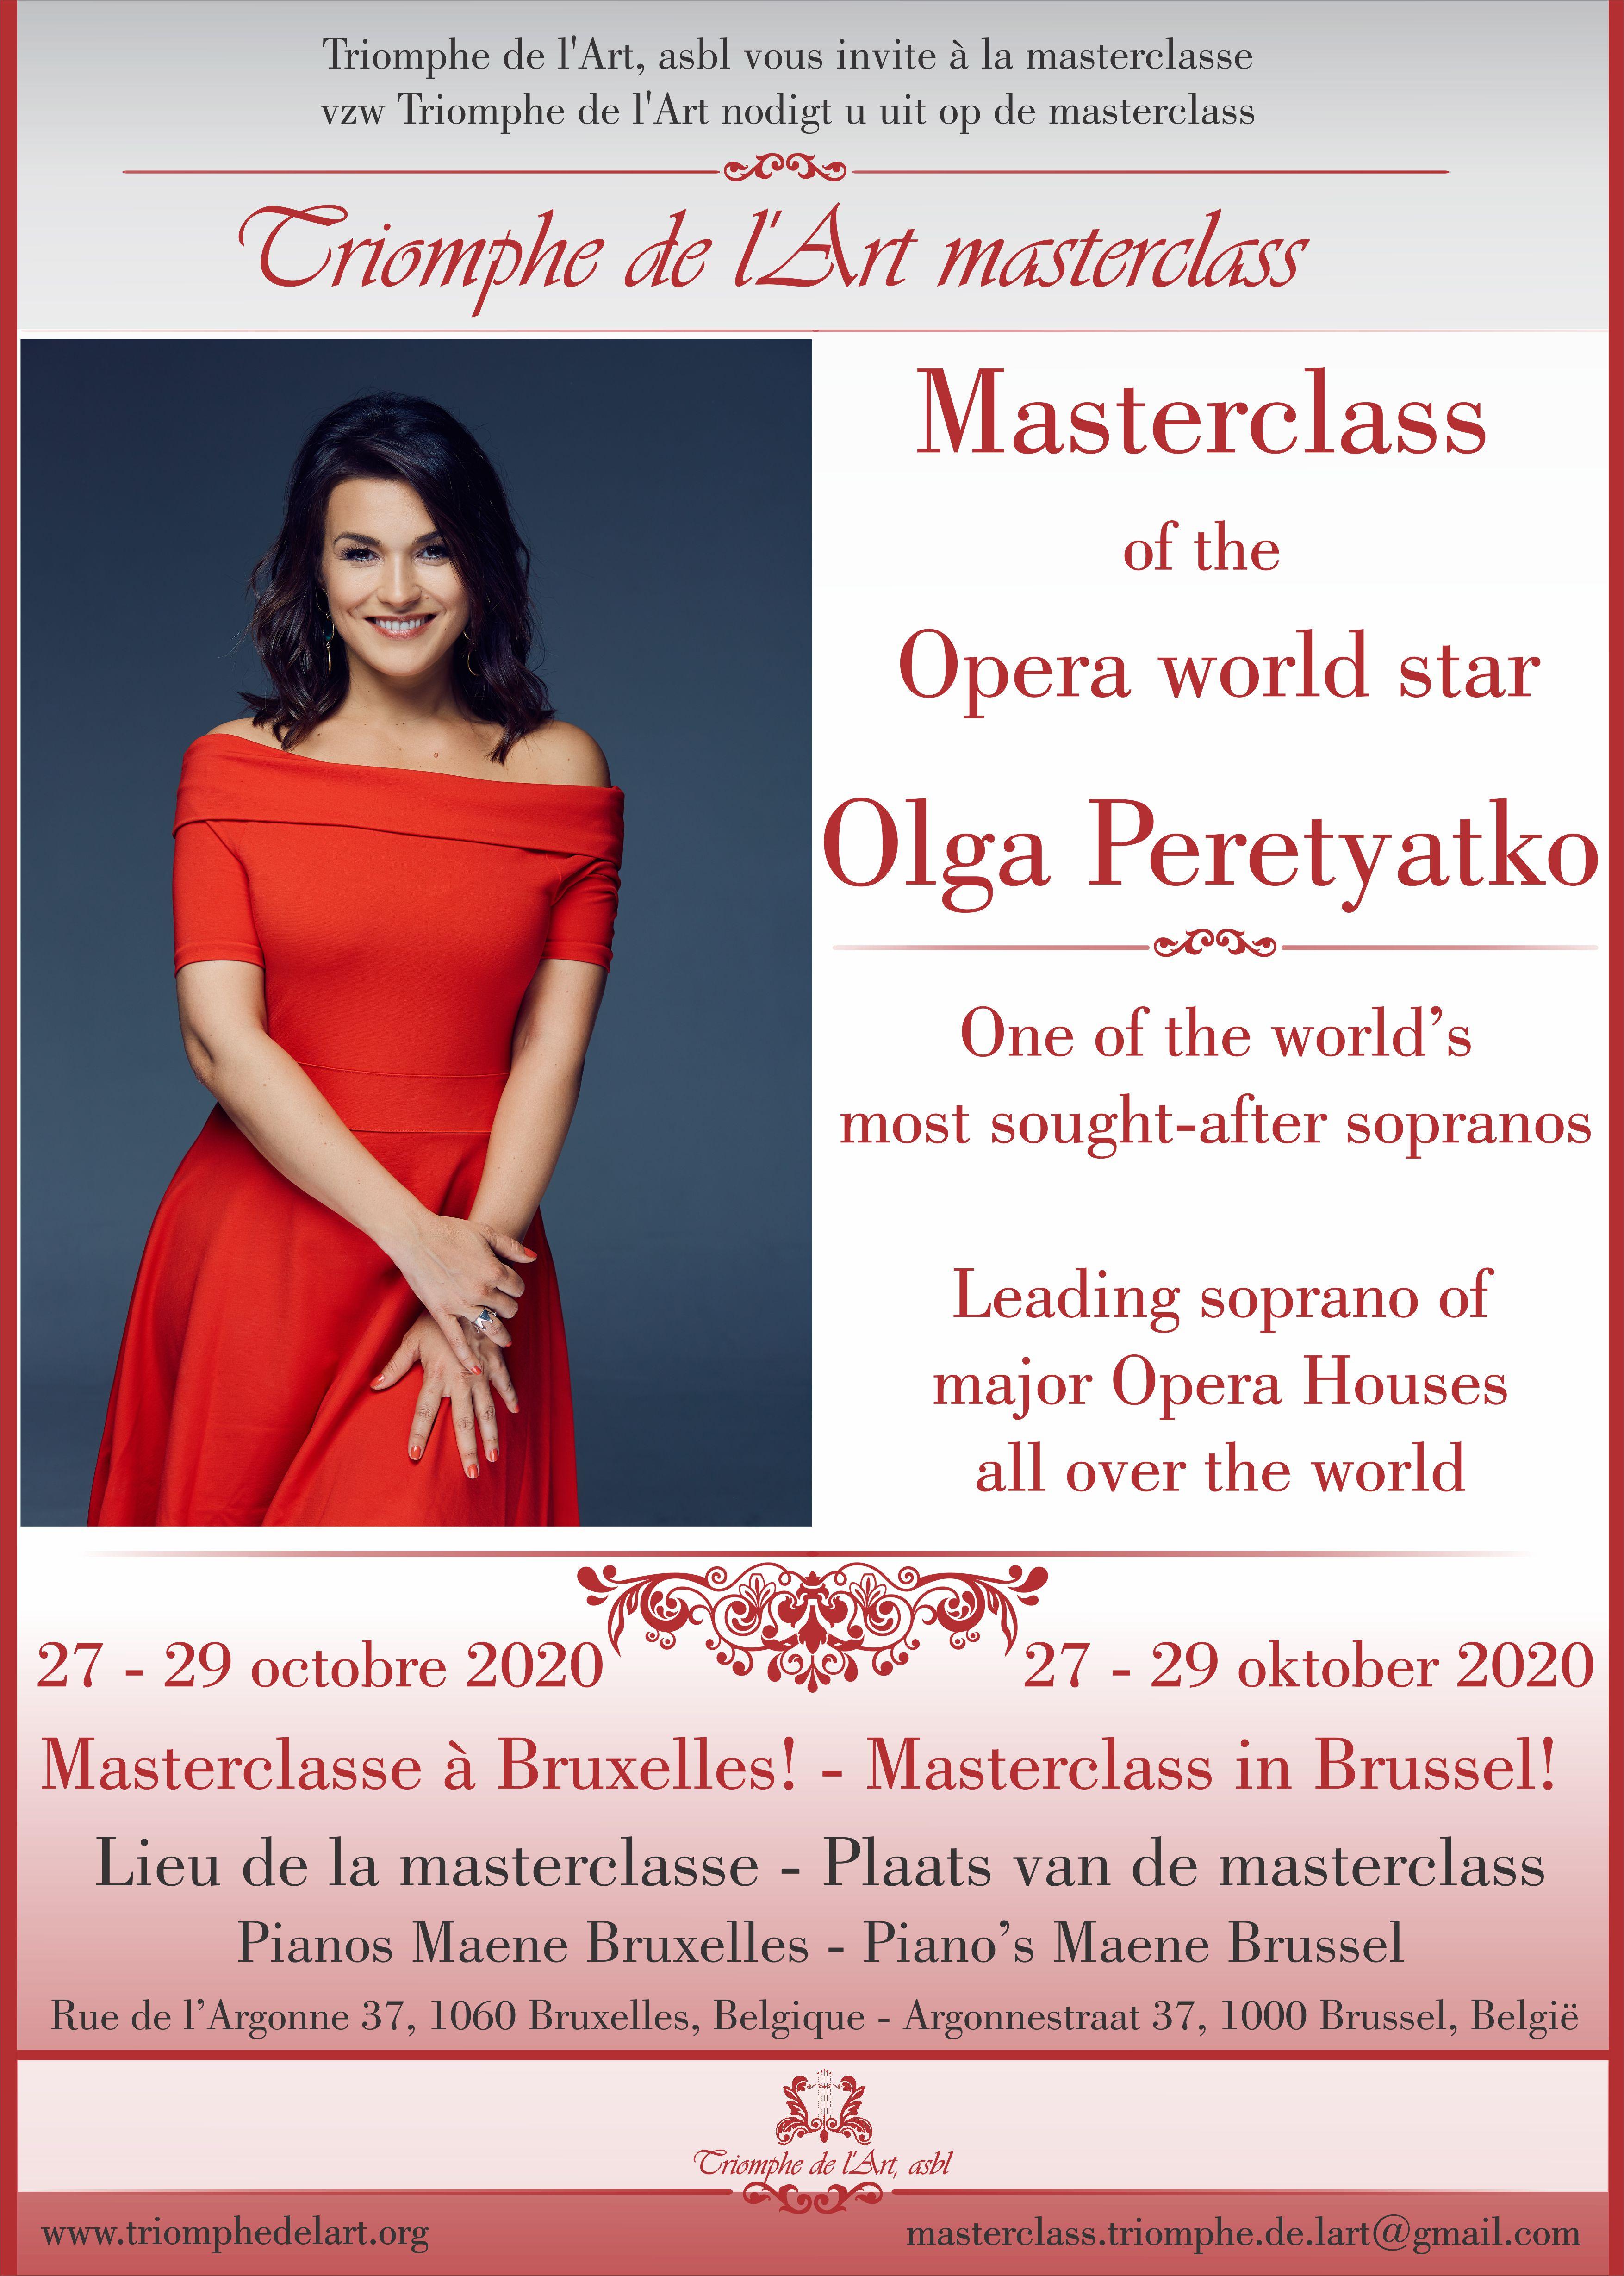 Olga Peretyatko masterclasse